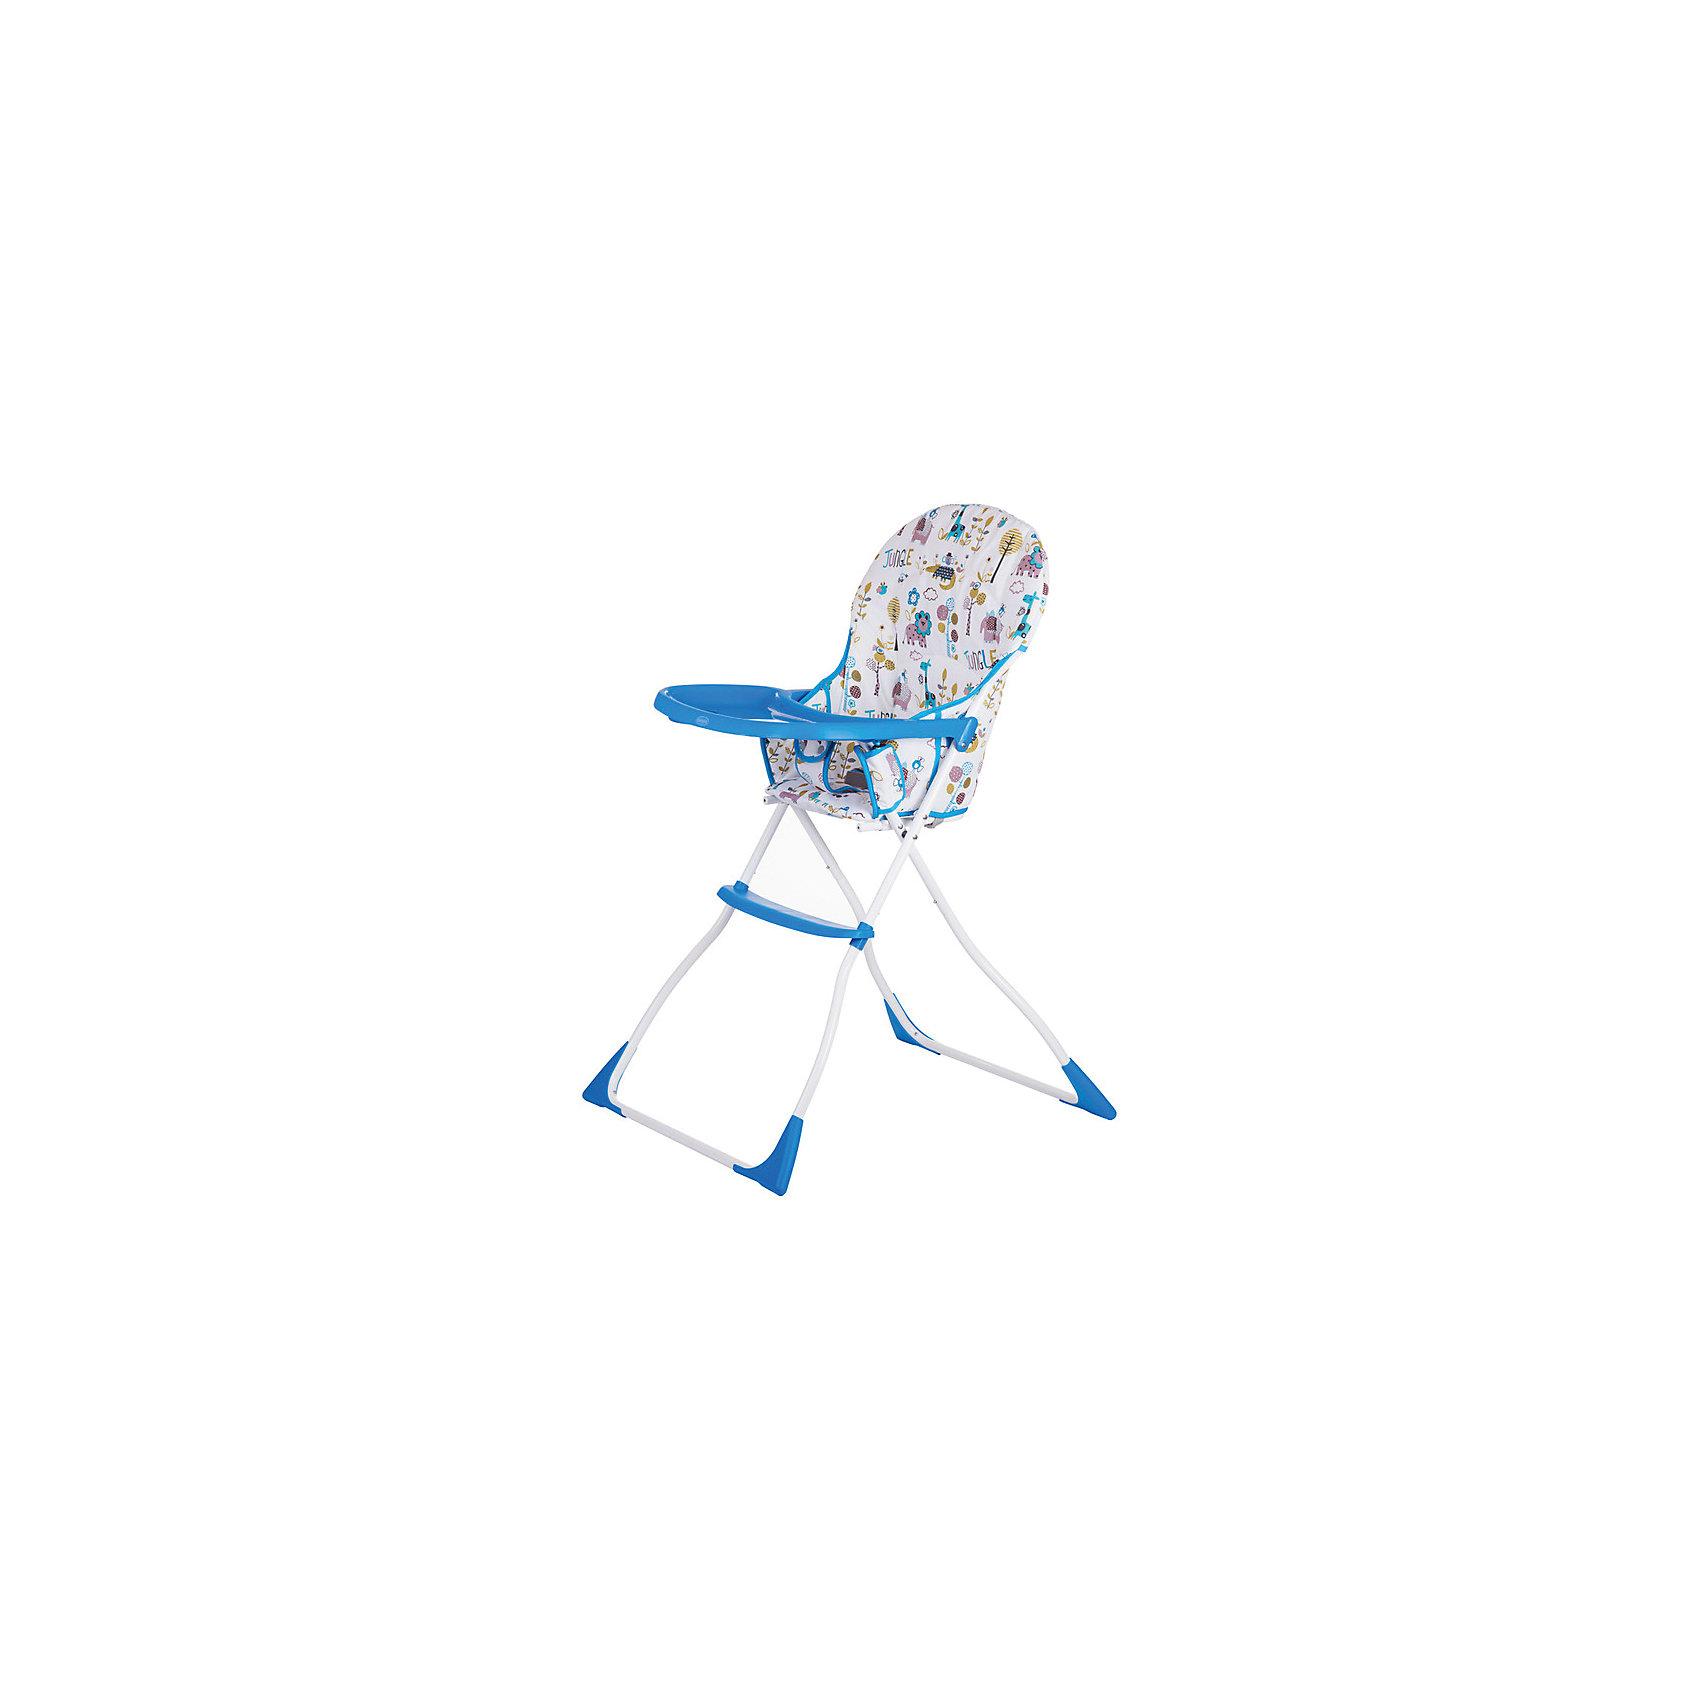 Стульчик для кормления BONBON, Babyhit, белый/голубой (Baby Hit)